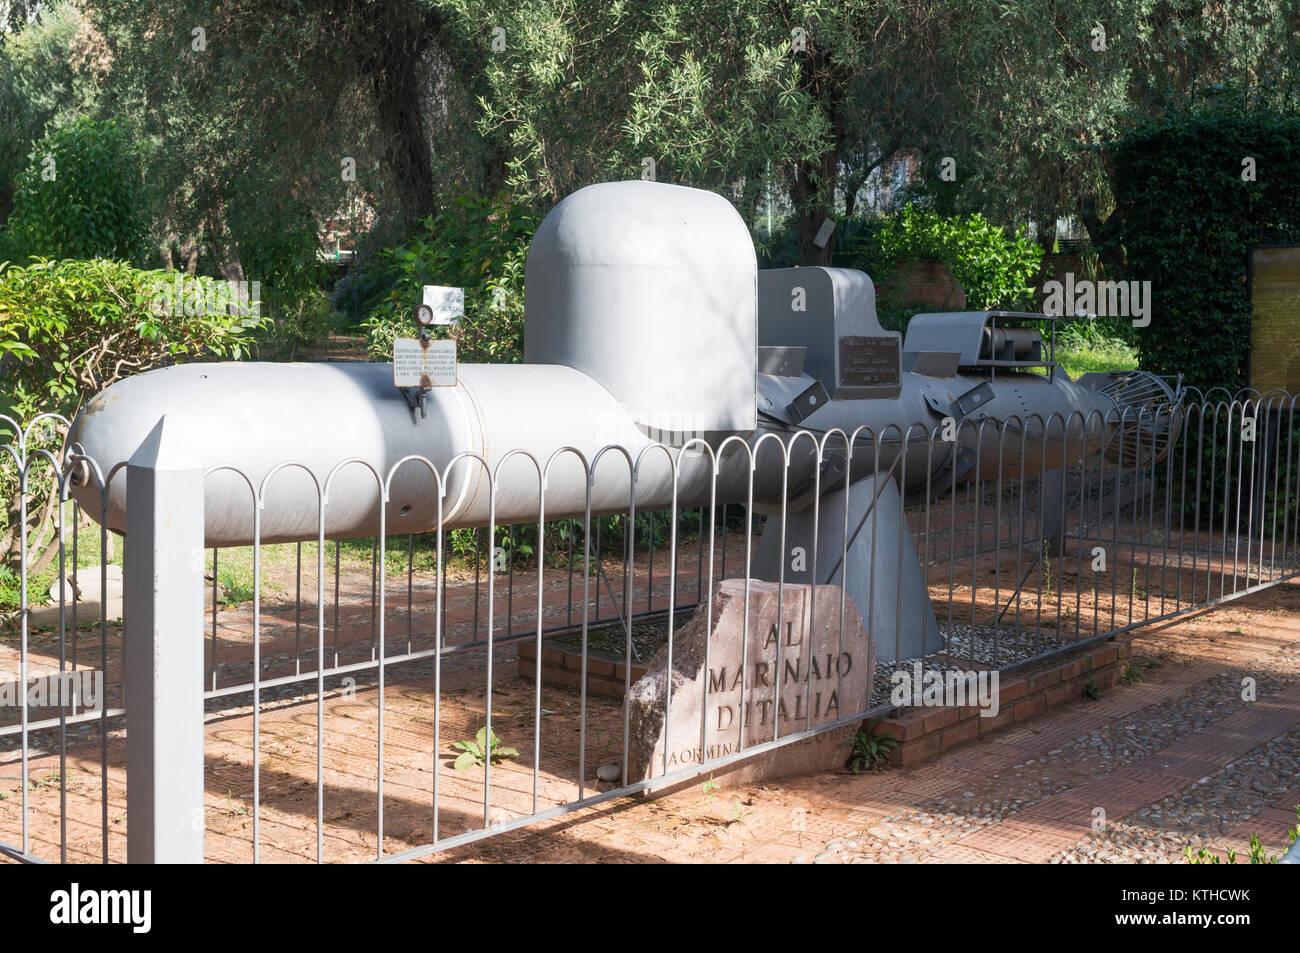 Mini submarino War Memorial dentro de los jardines públicos de Taormina, Sicilia, Europa Imagen De Stock